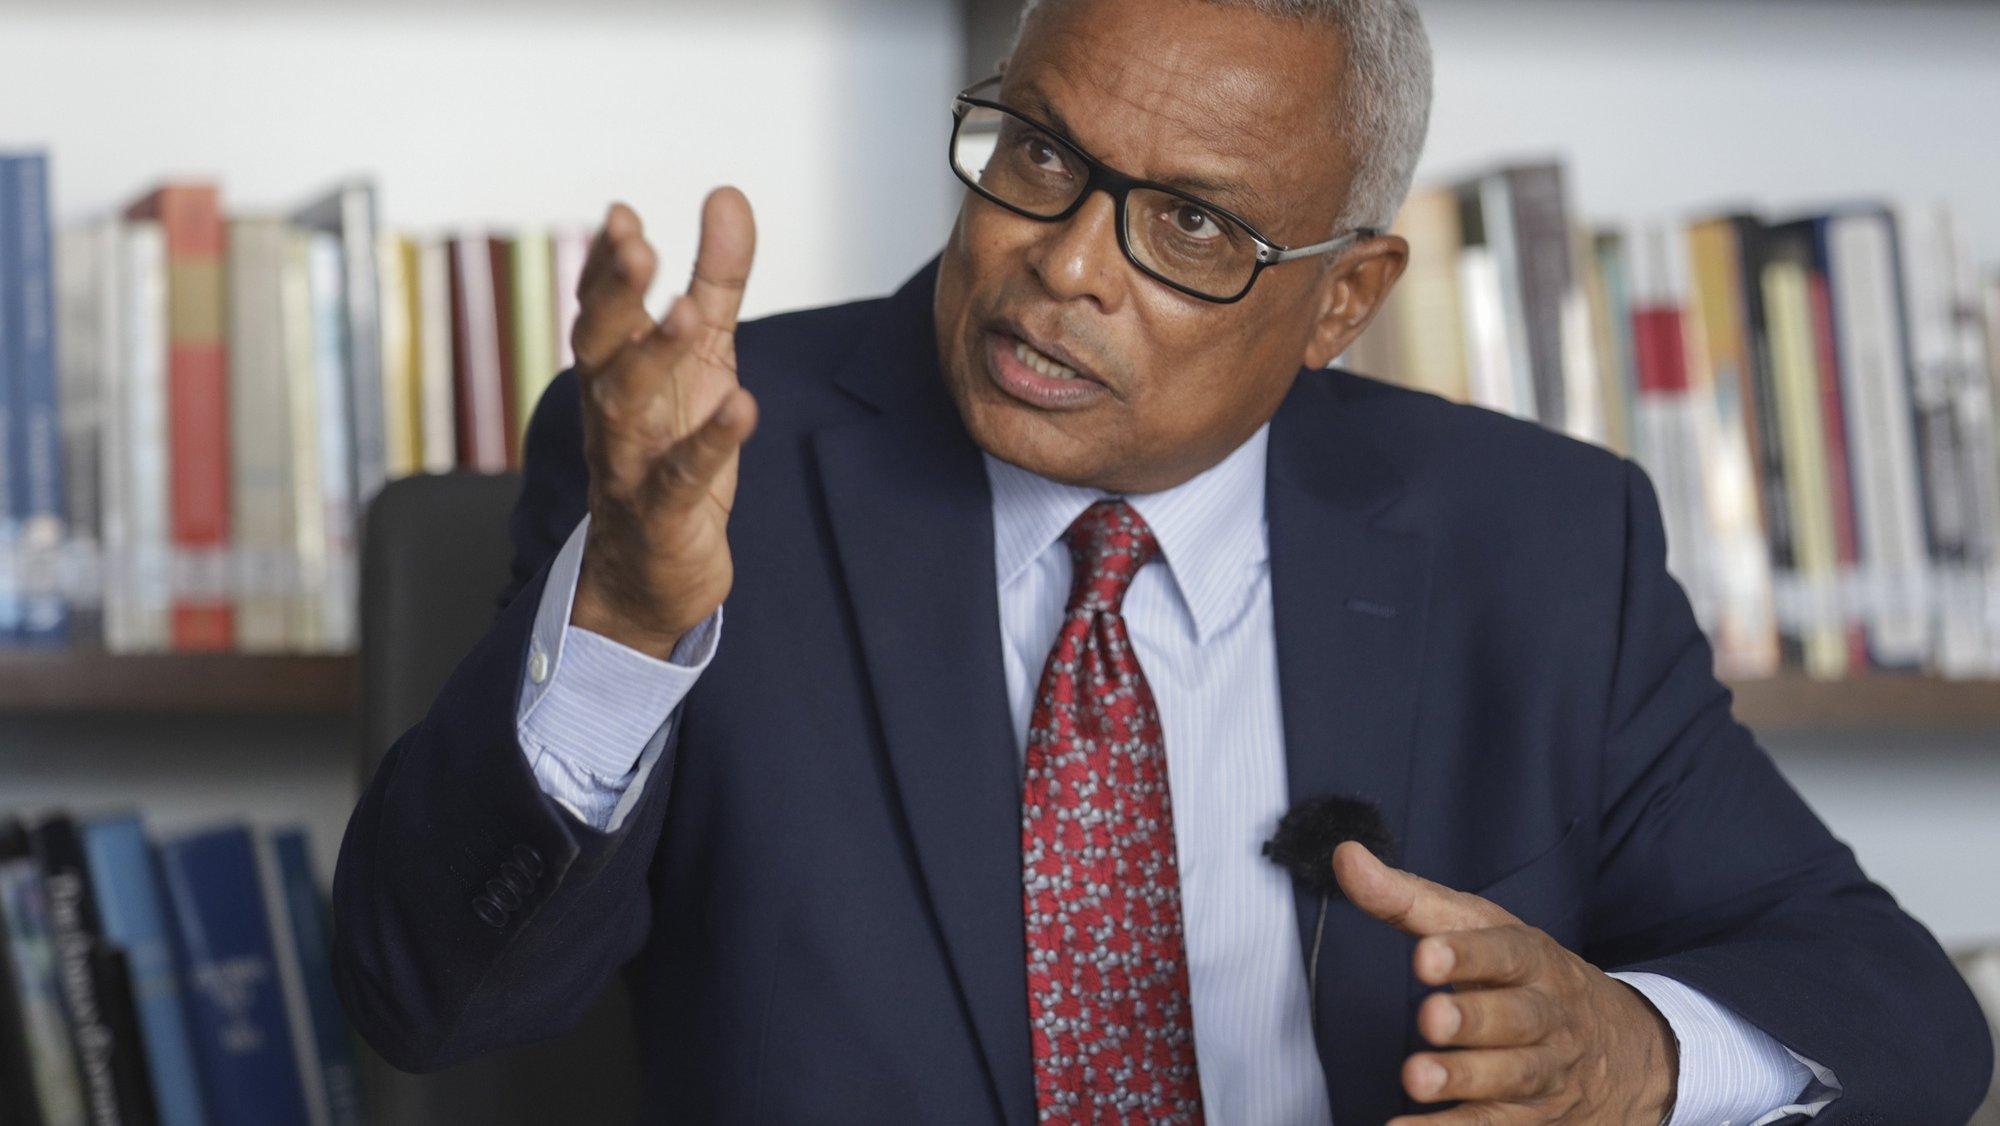 OPresidente da República de Cabo Verde José Maria Neves, durante entrevista à Agência Lusa, na sede da Fundação José Maria Neves, Cidade da Praia, Cabo Verde, 21 de outubro de 2021. ( ACOMPANHA TEXTO DO DIA 22 DE OUTUBRO DE 2021). ELTON MONTEIRO/LUSA